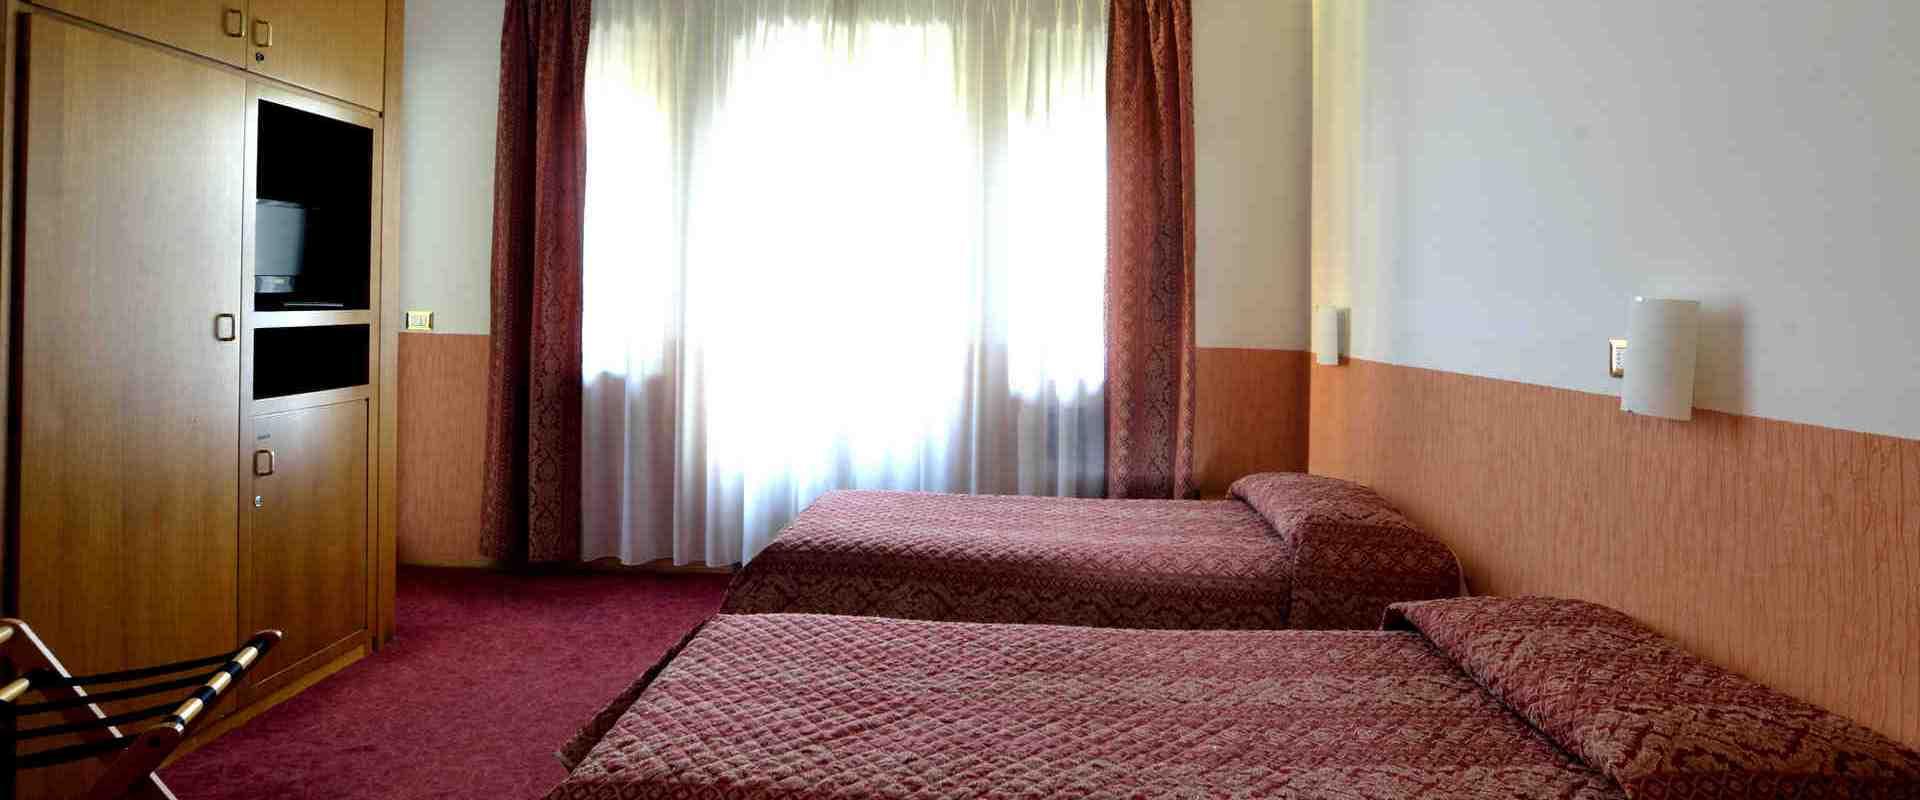 Camera Matrimoniale Hotel Alla Bianca Vicino a Venezia